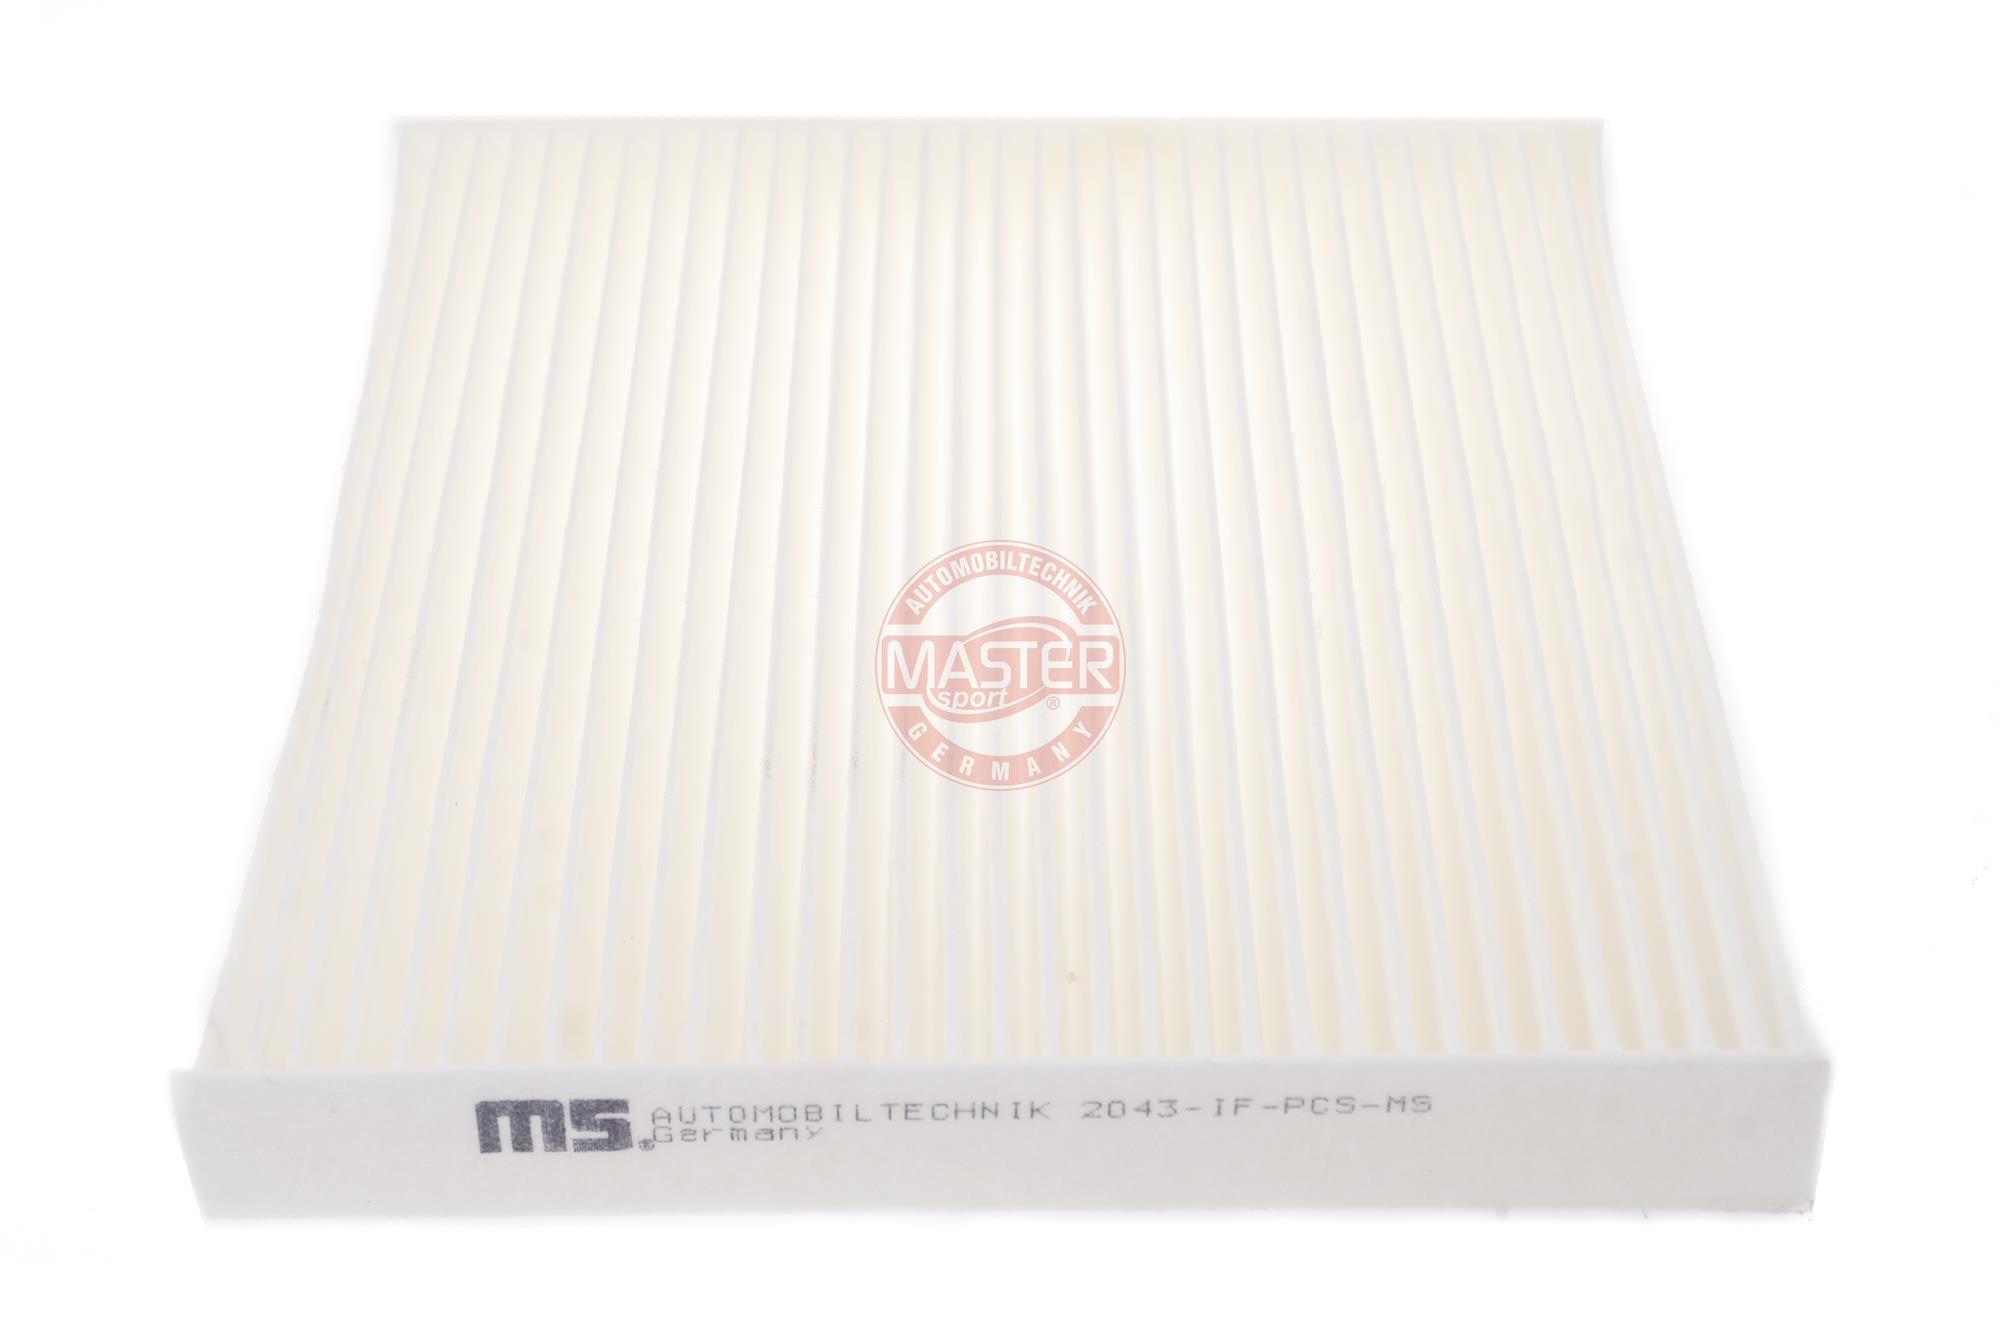 420020430 MASTER-SPORT Partikelfilter Breite: 216mm, Höhe: 25mm, Länge: 197mm Filter, Innenraumluft 2043-IF-PCS-MS günstig kaufen